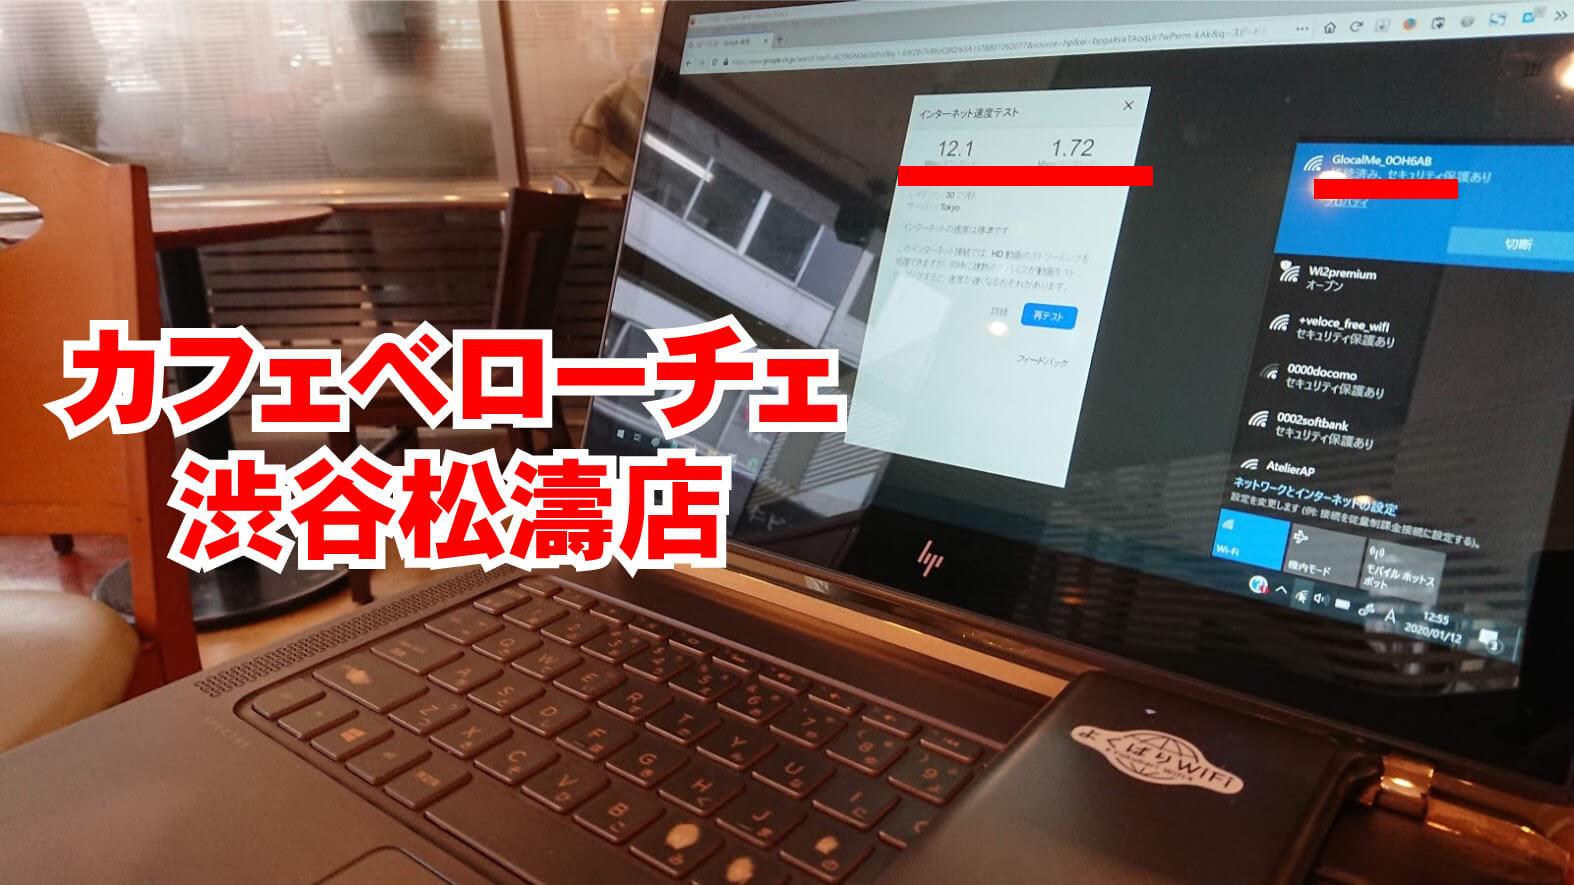 カフェベローチェ渋谷松濤店_よくばりWiFi通信速度